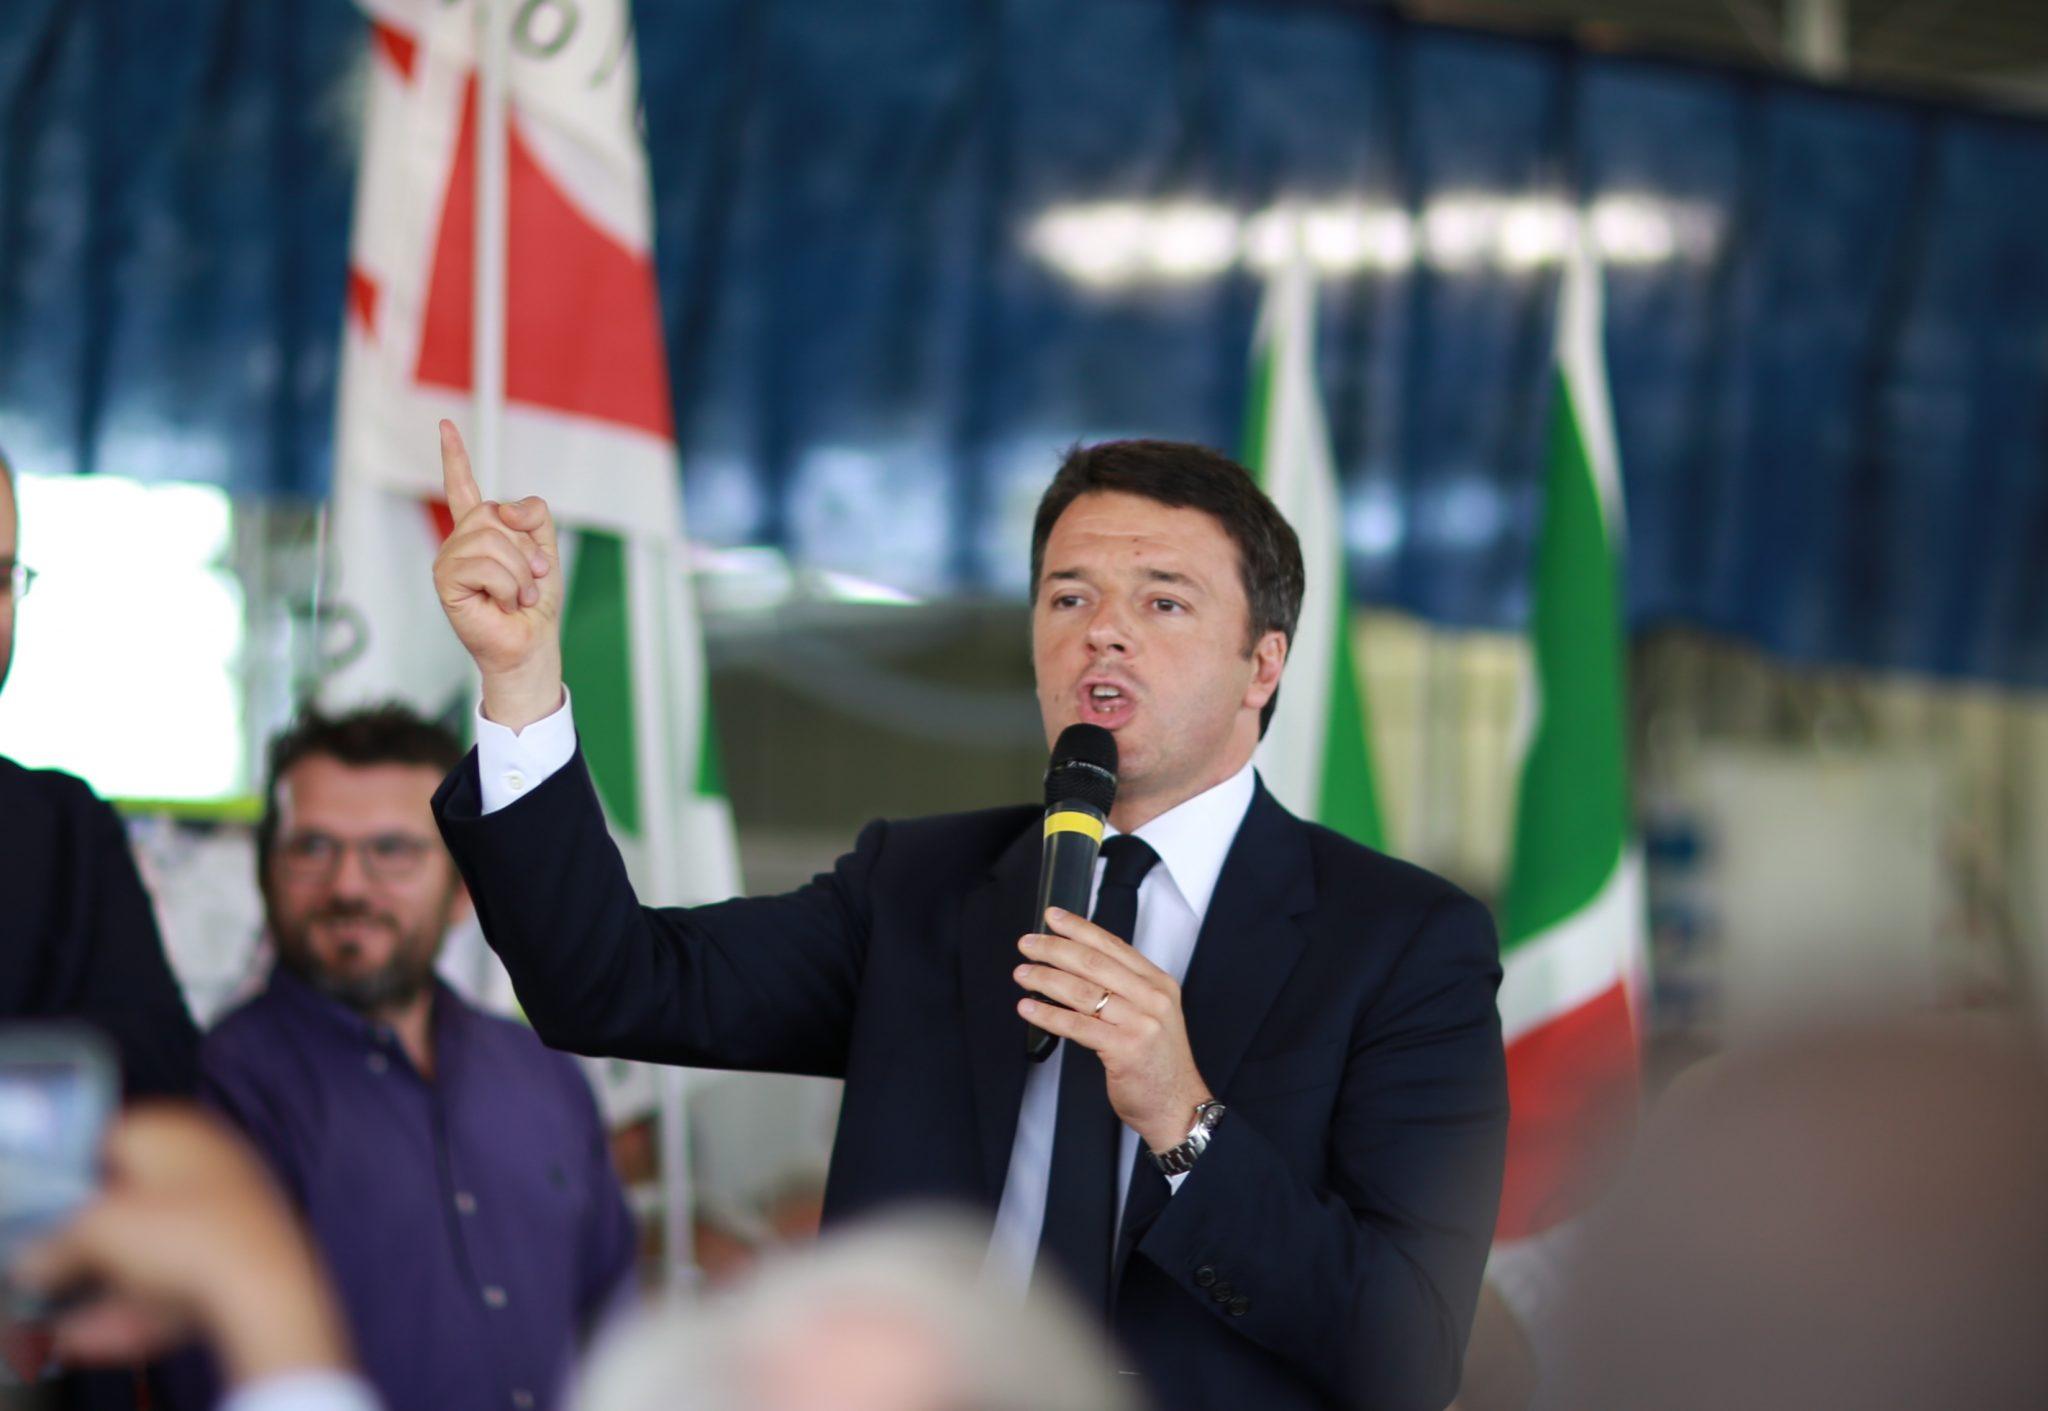 Matteo Renzi, capo del governo autore del Jobs Act